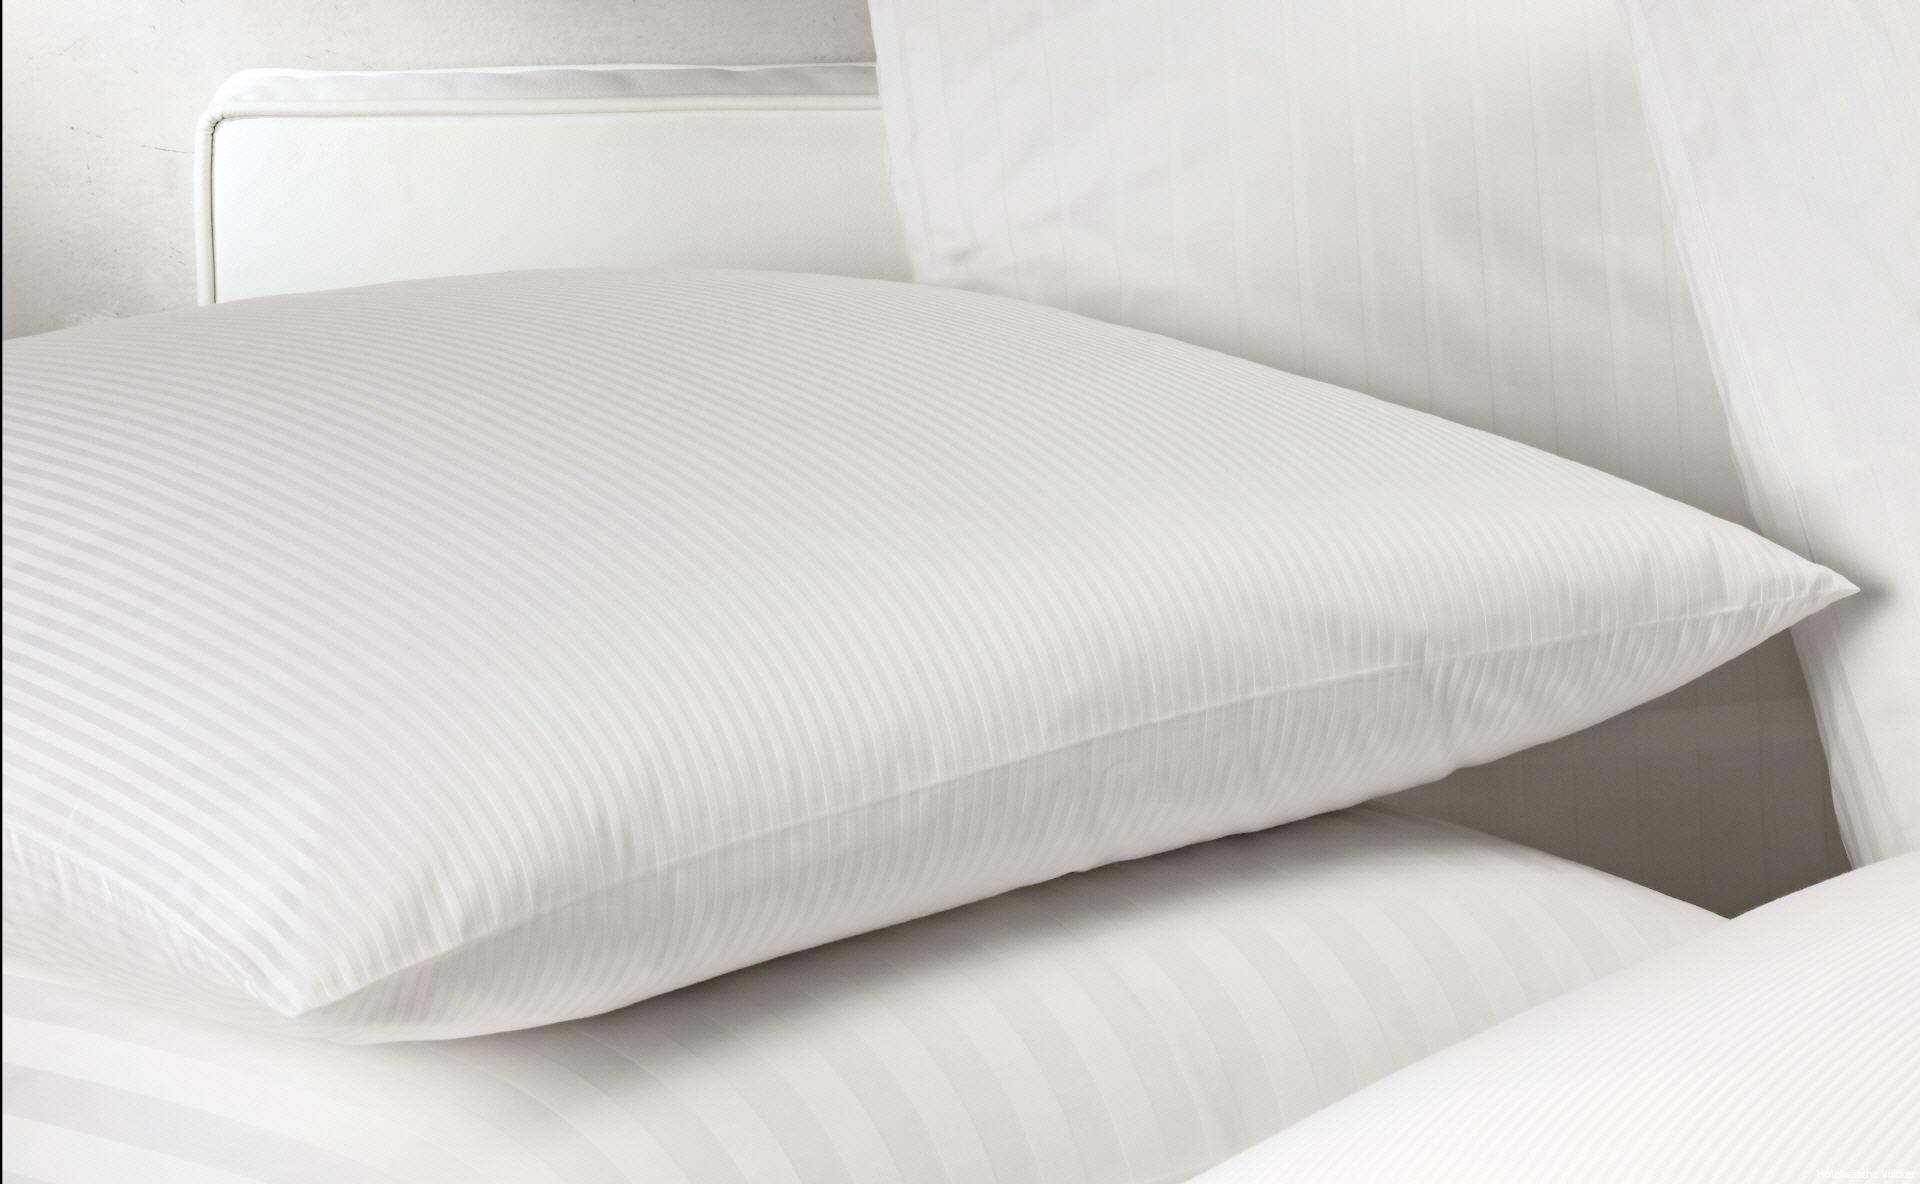 polyester satin bettw sche bettw sche junge leute 2 er. Black Bedroom Furniture Sets. Home Design Ideas